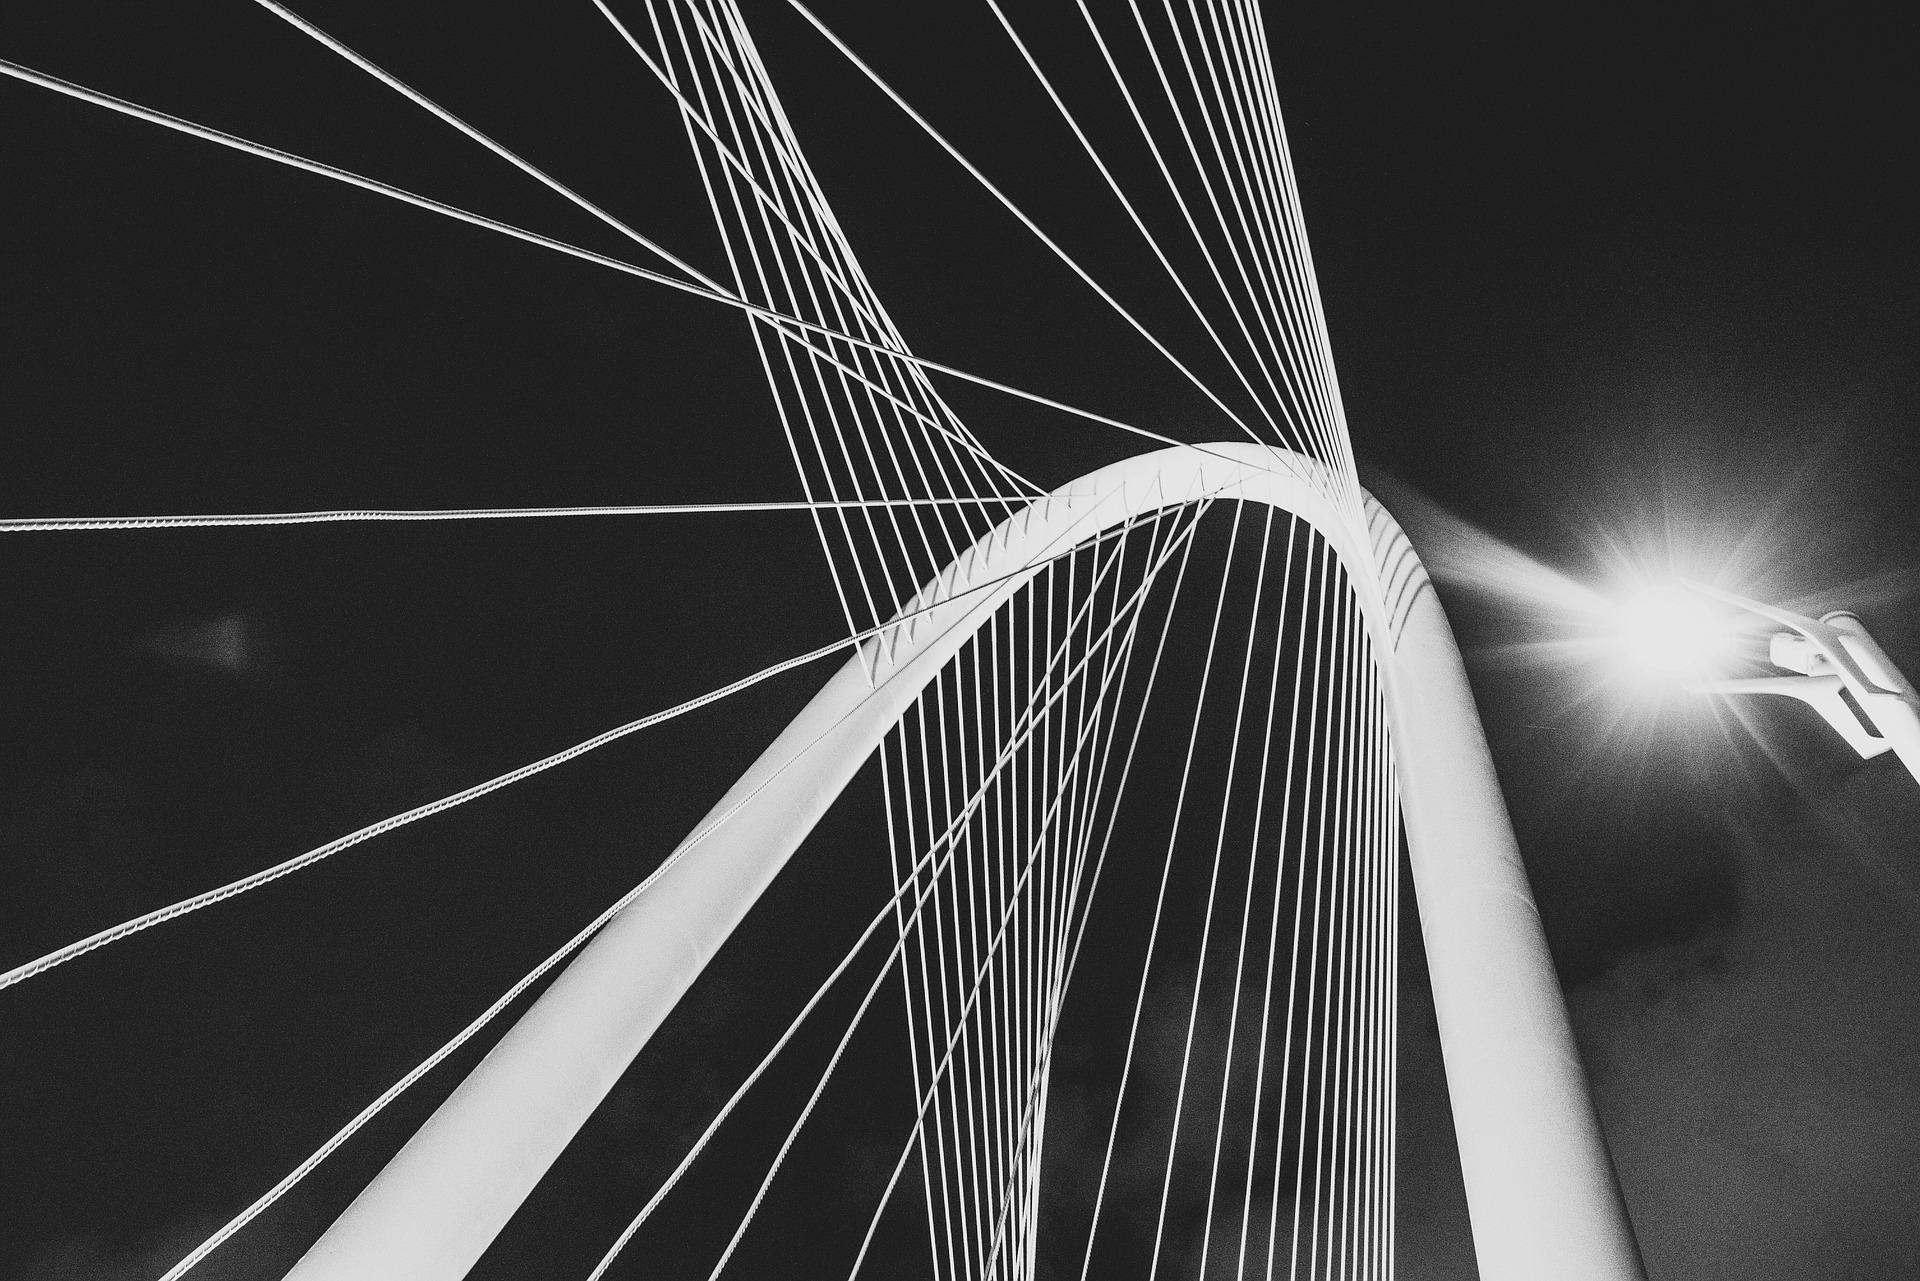 Májusban indul a társadalmi egyeztetés az Aquincumi hídról